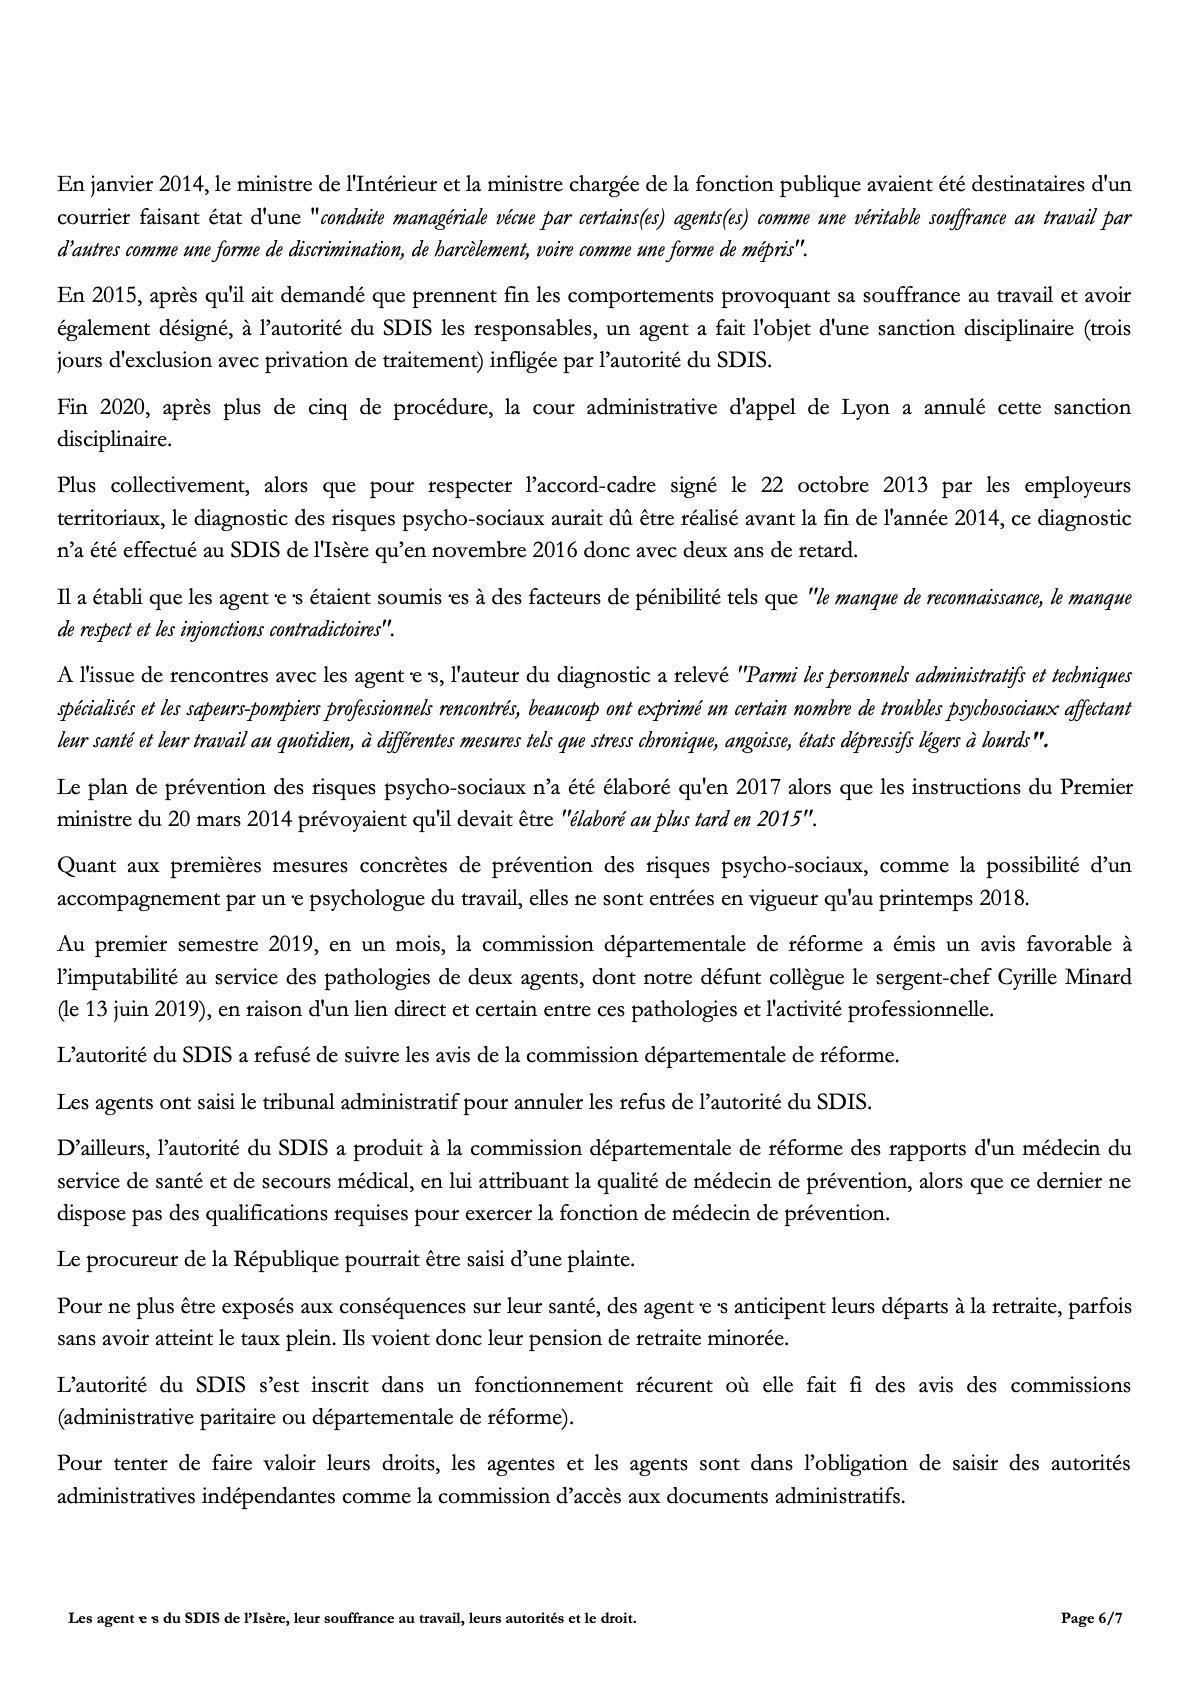 Les agent.e.s du SDIS de l'Isère, leur souffrance au travail, leurs autorités et le droit